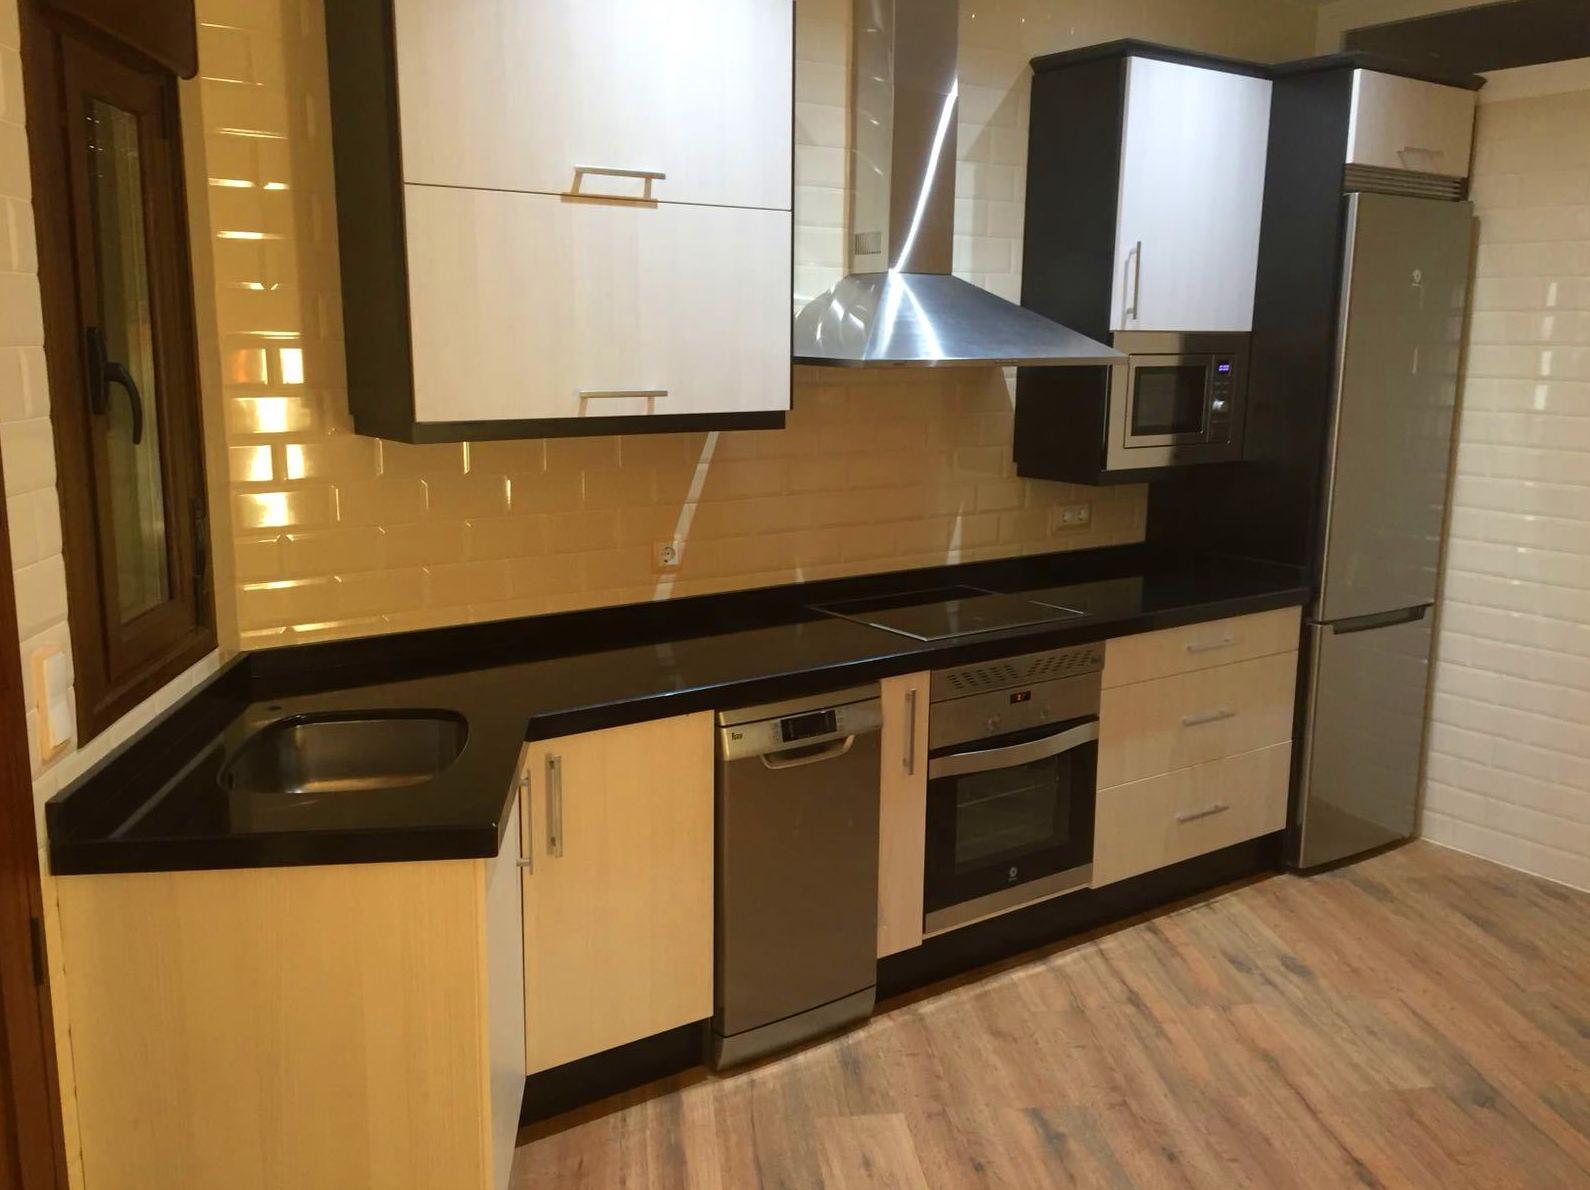 Foto 35 de Muebles de cocina en Plasencia | Durán Cocinas y ...